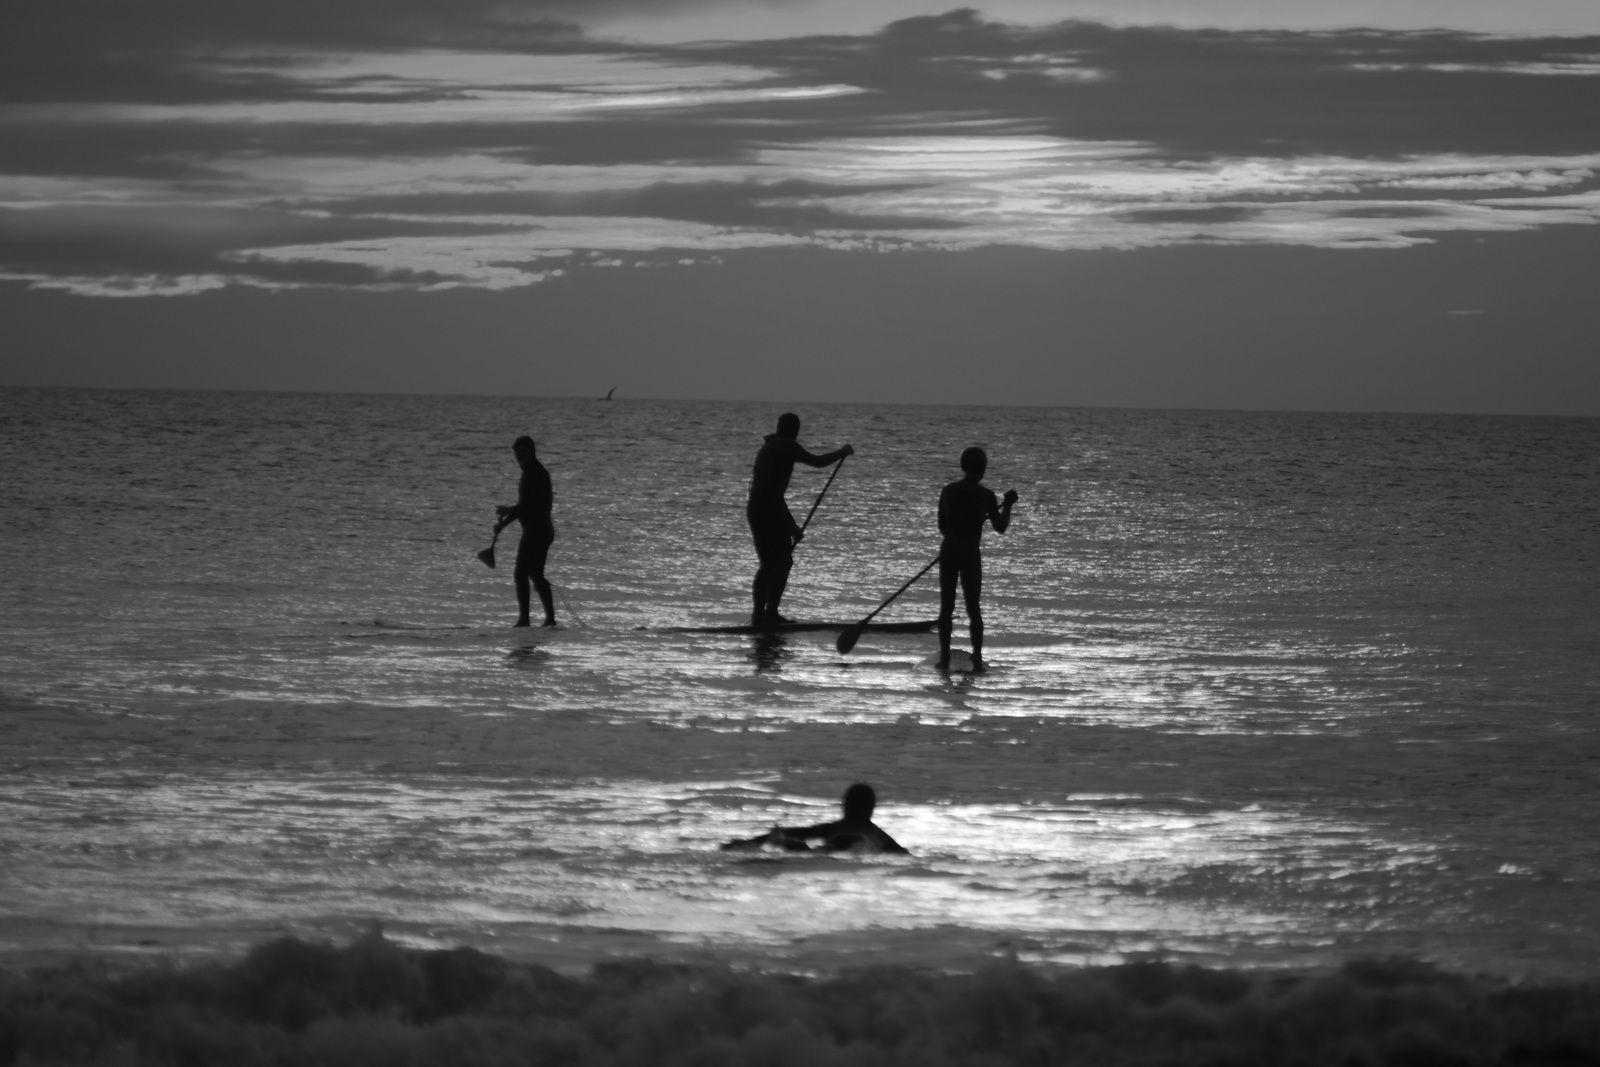 La soirée se prolonge, la vague se fait attendre